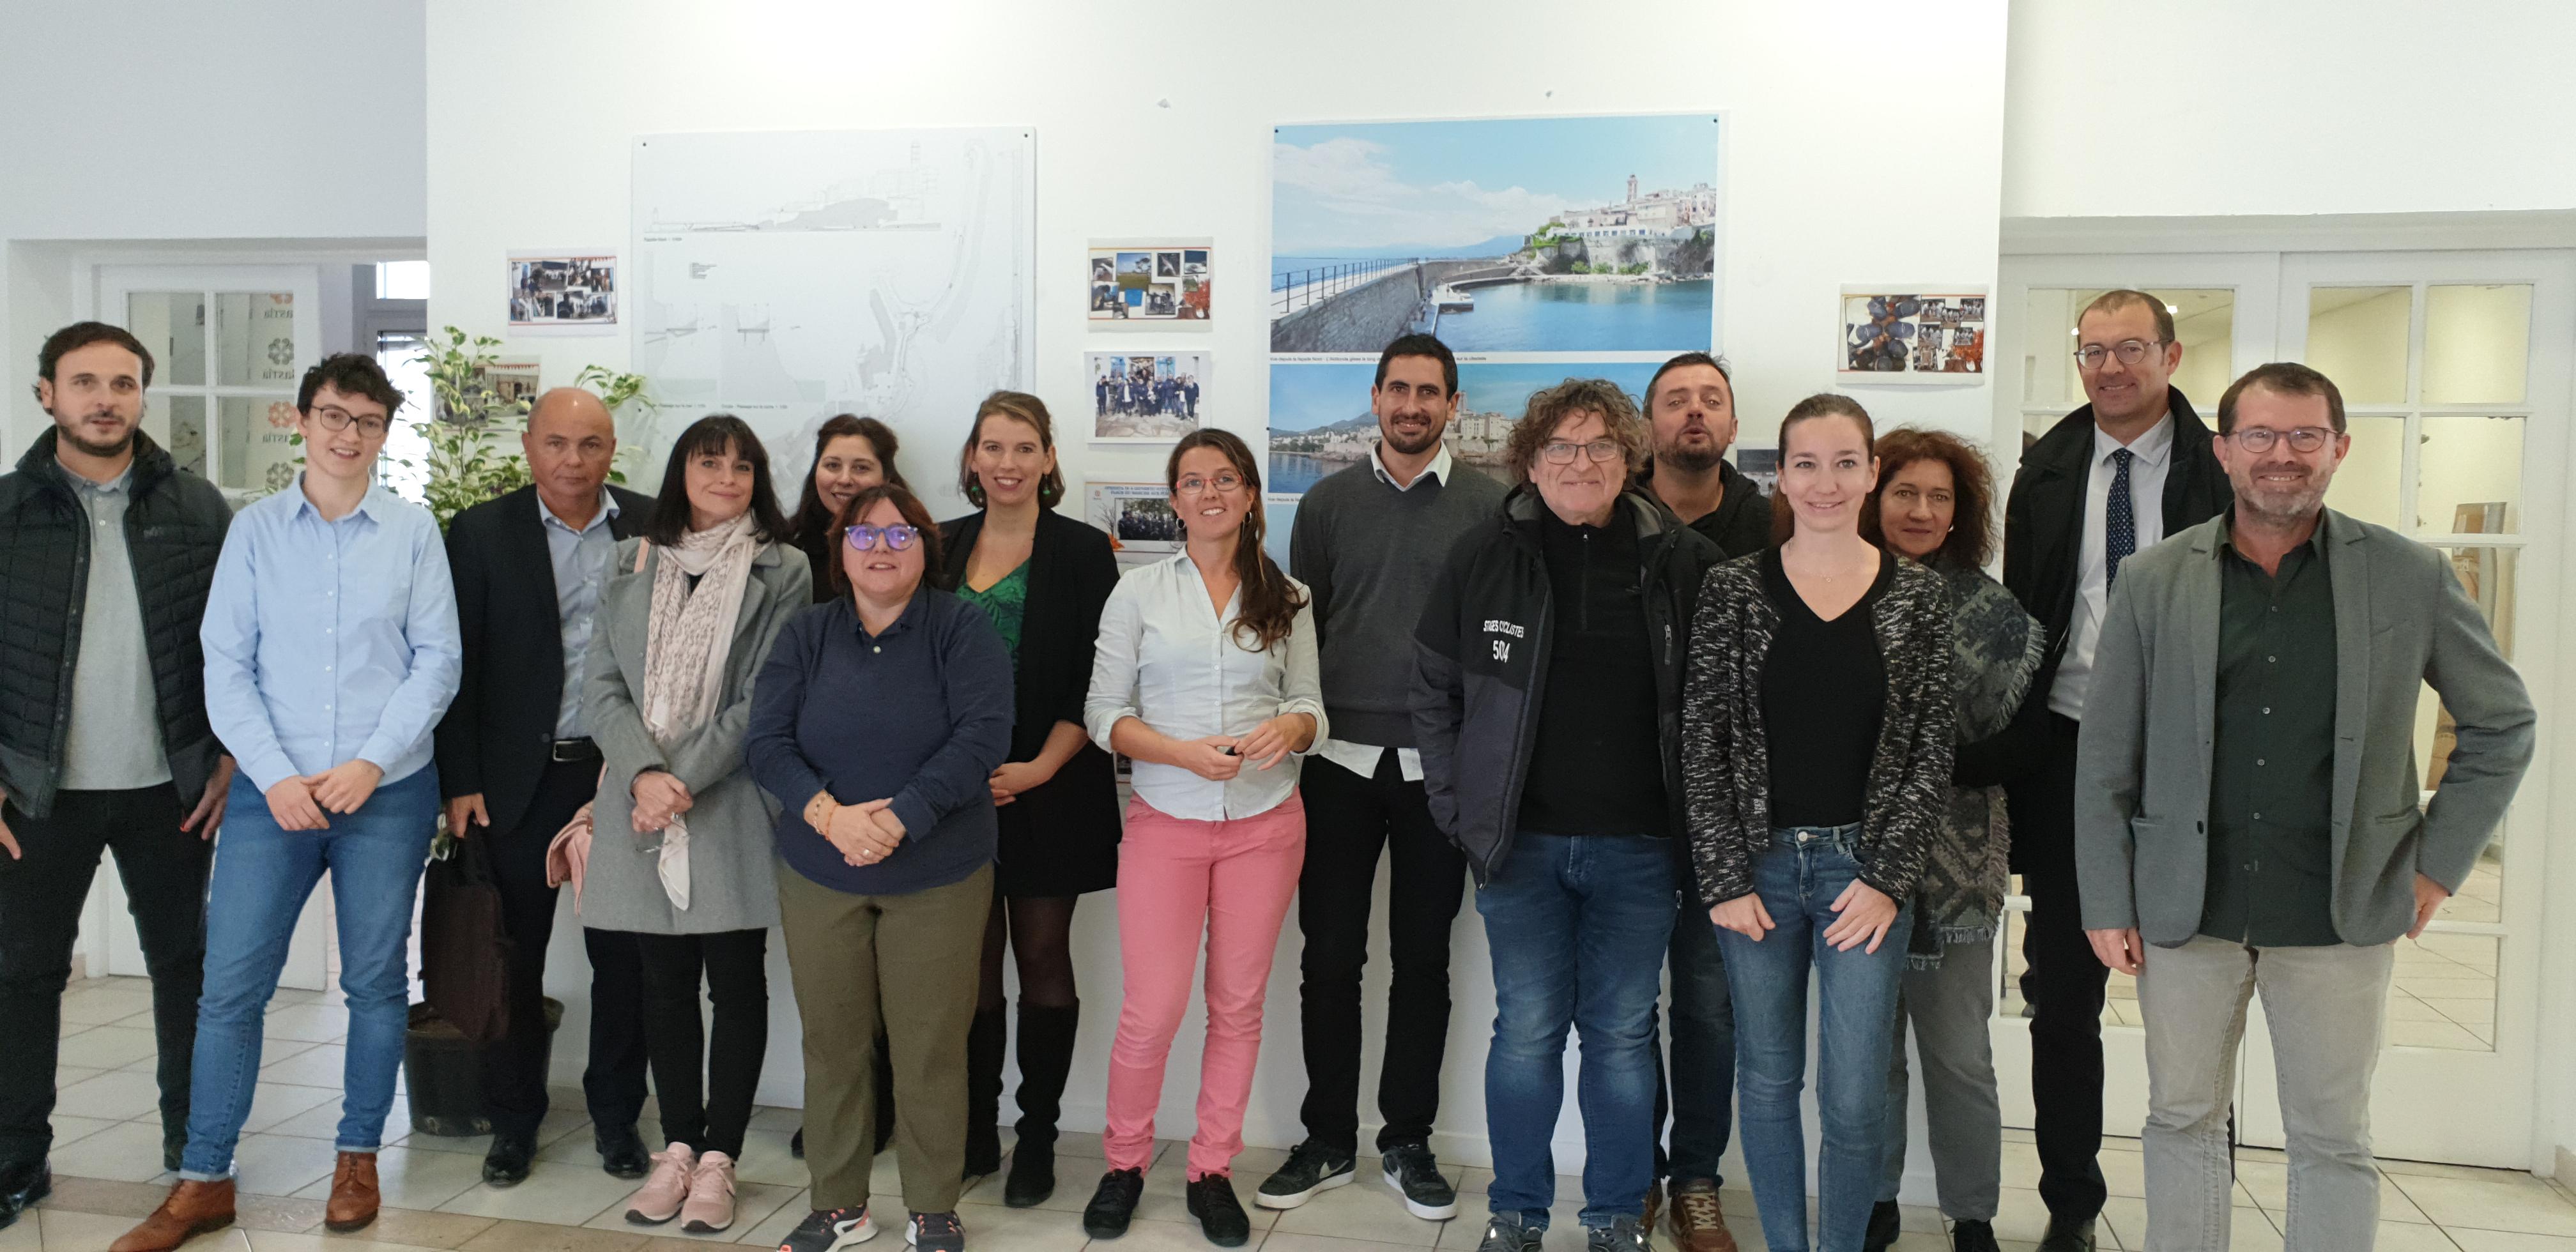 Construire une politique cyclable pour son territoire - Journée d'échanges le 8 novembre à Bastia